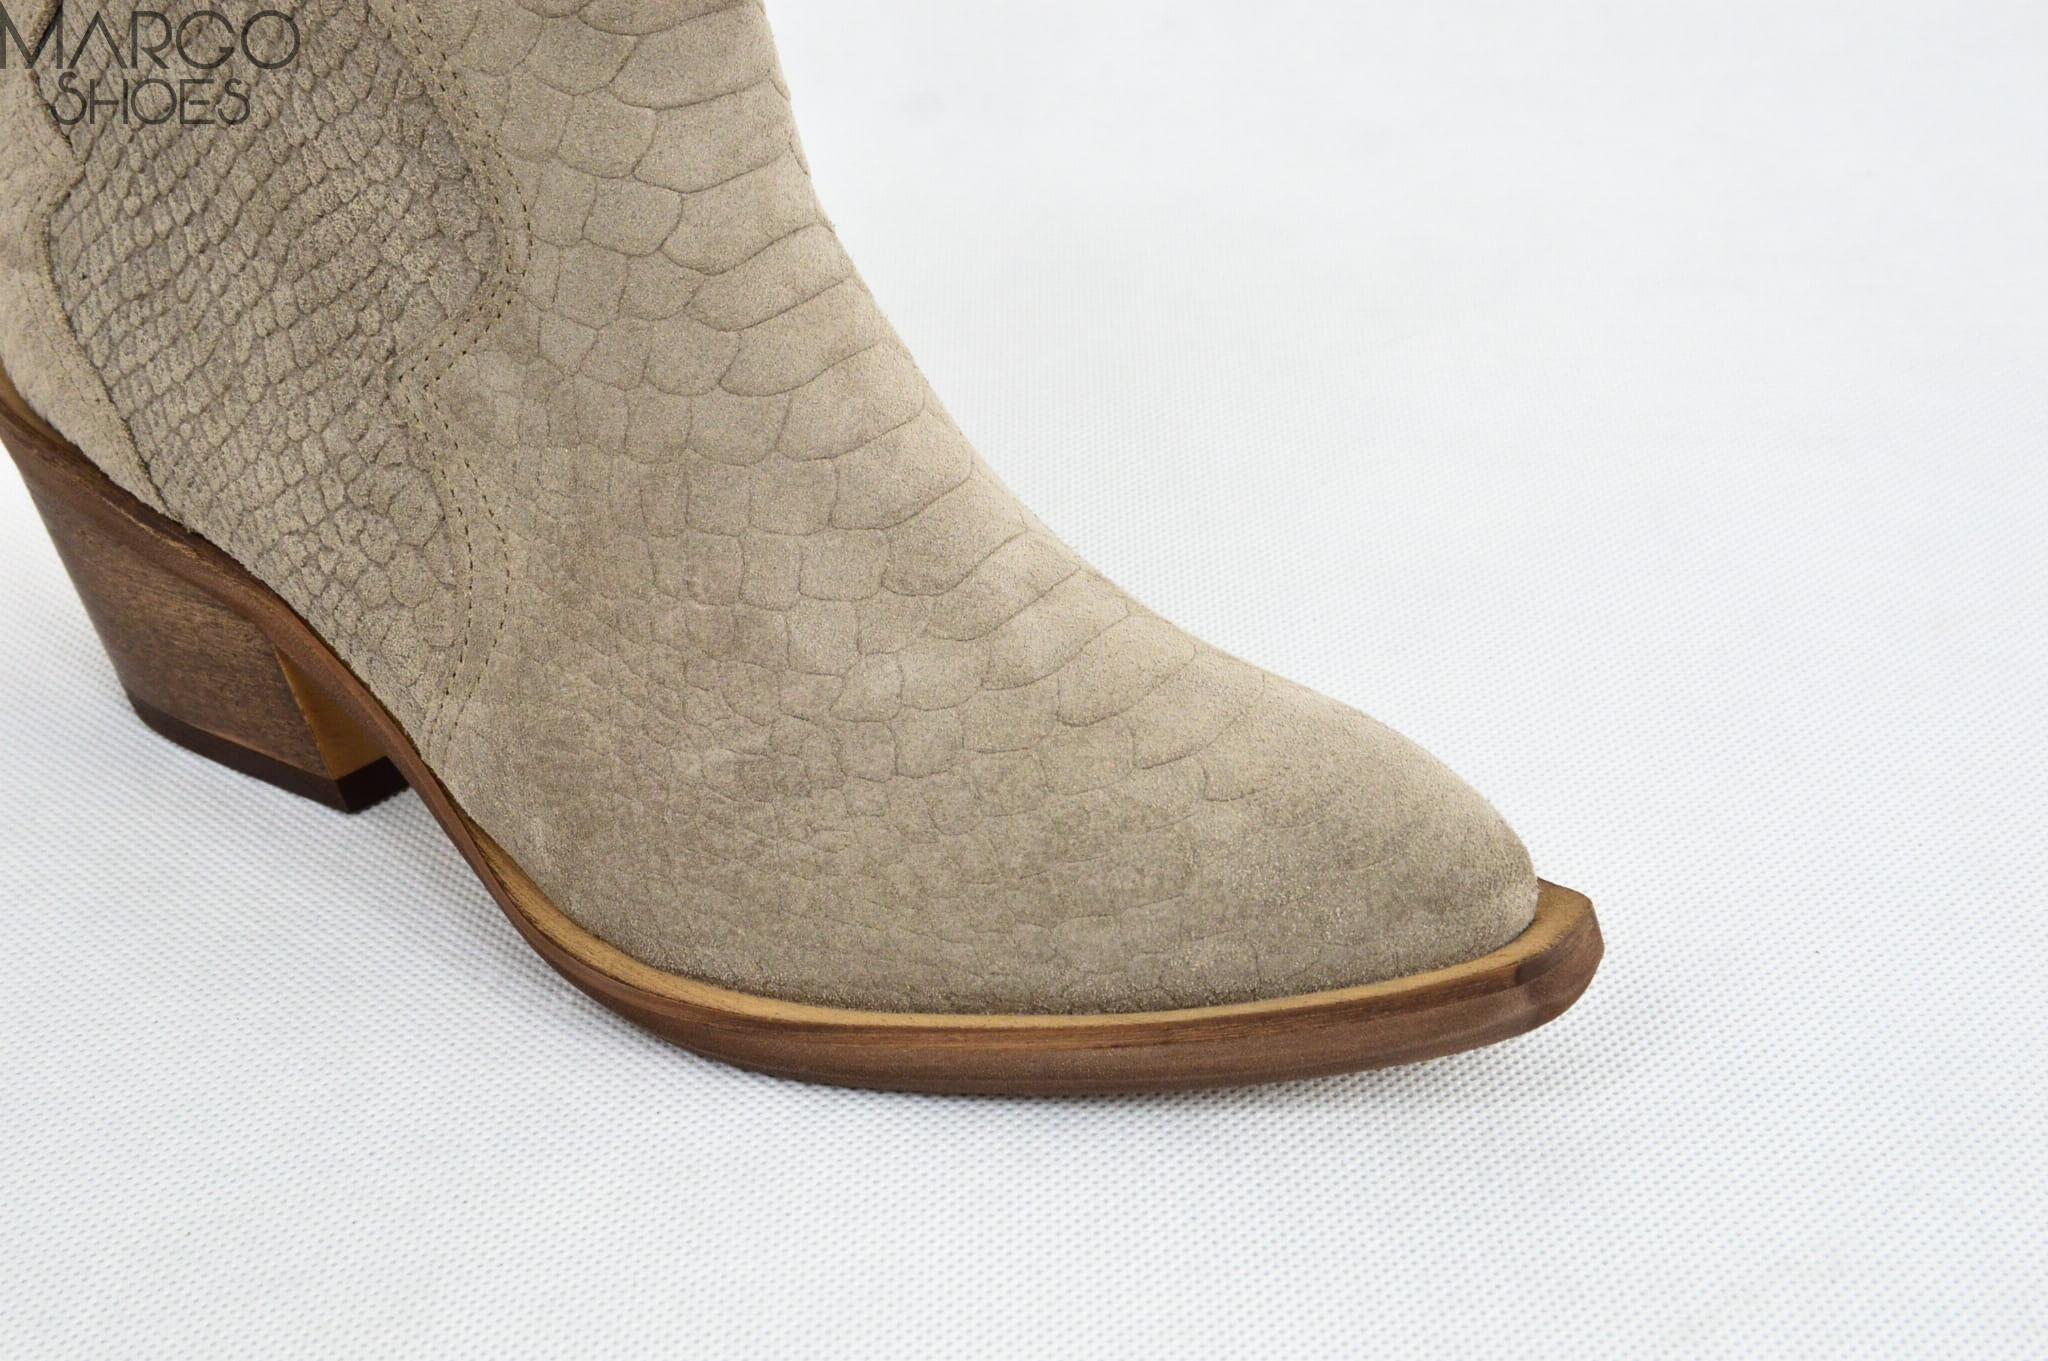 buty damskie imitacja skóry węża na obcasie